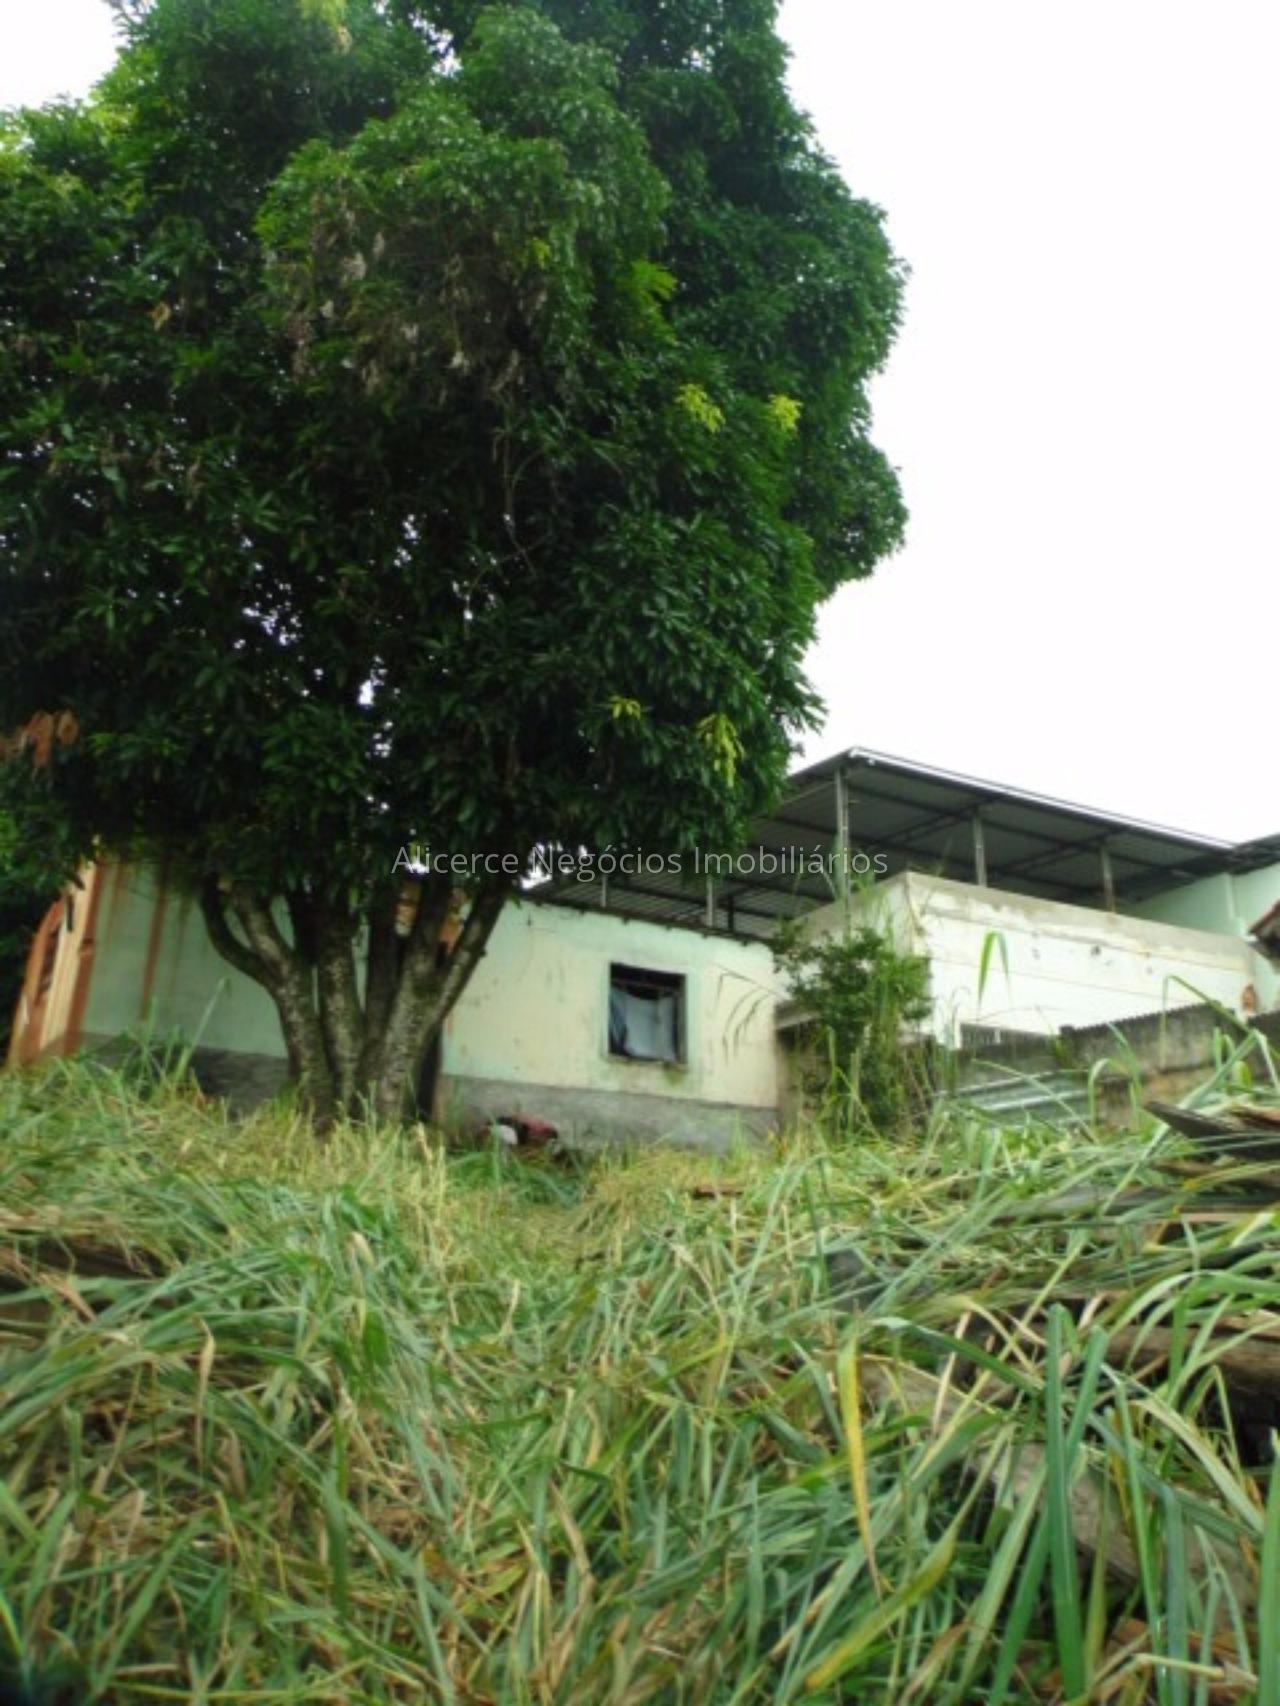 Ref.: 9005 - Lote ou Terreno - Mundo Novo